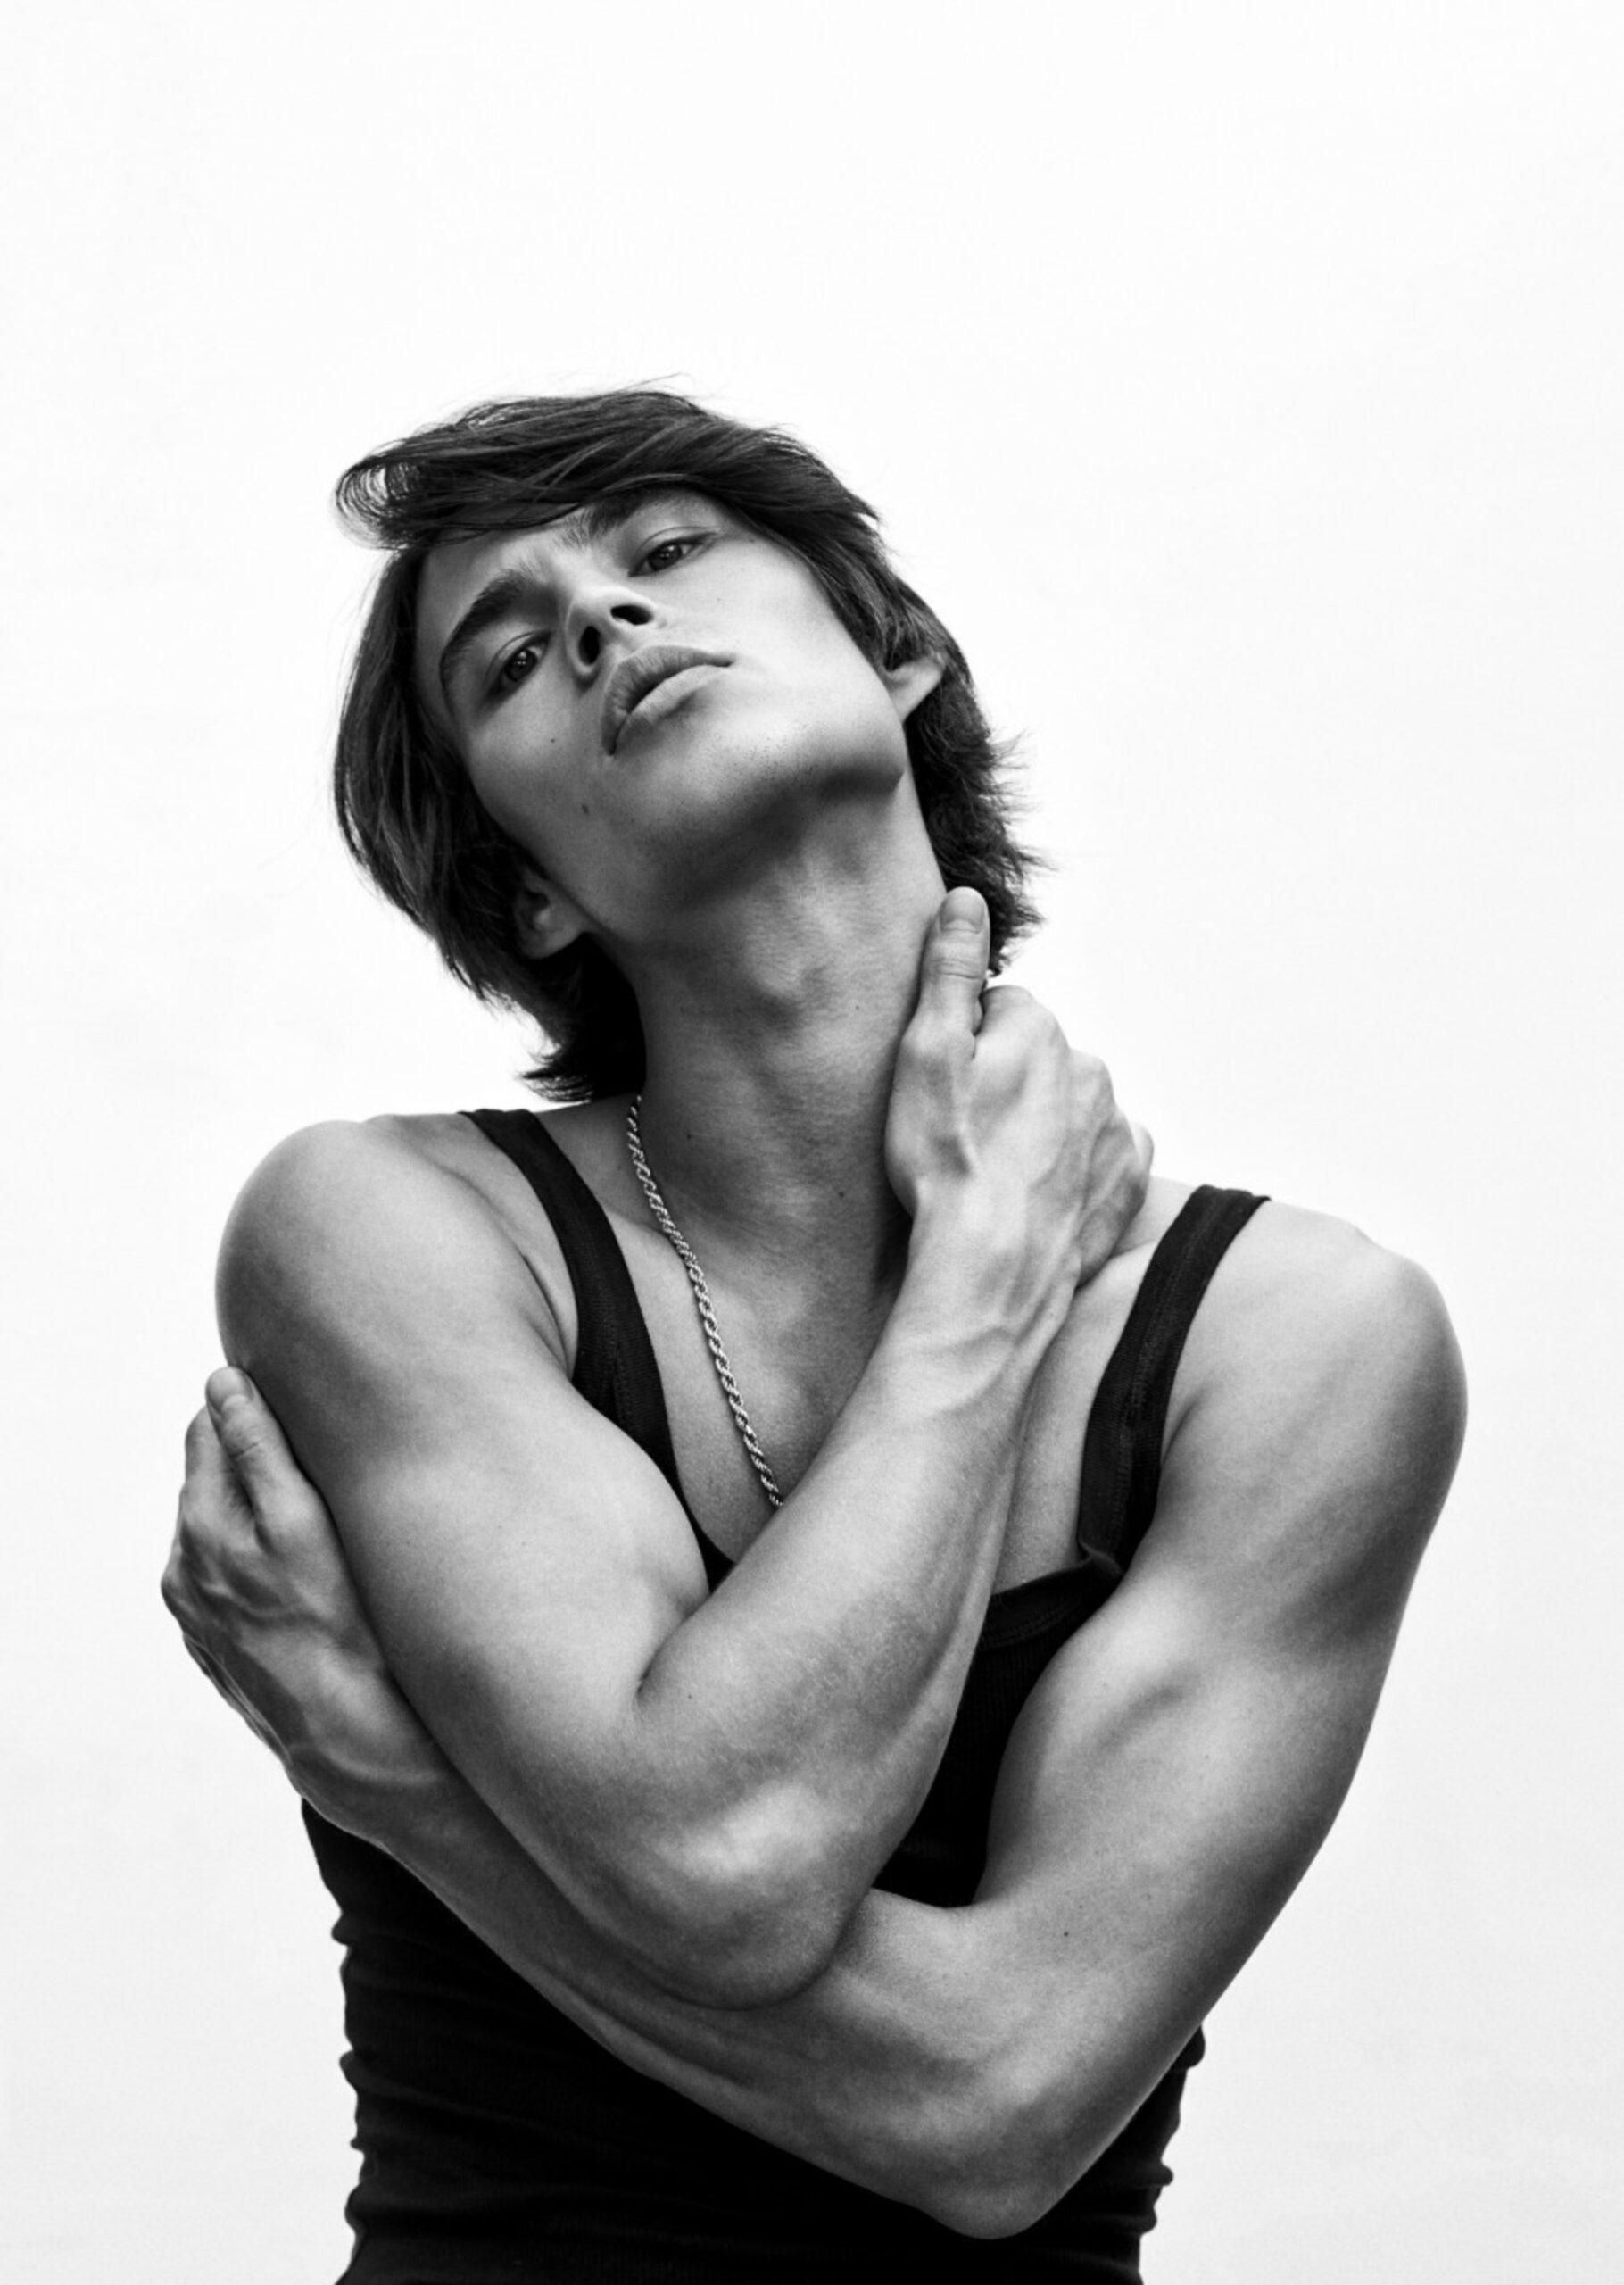 Louis Baines el modelo elegido por Versace para la campaña de Dylan Blue